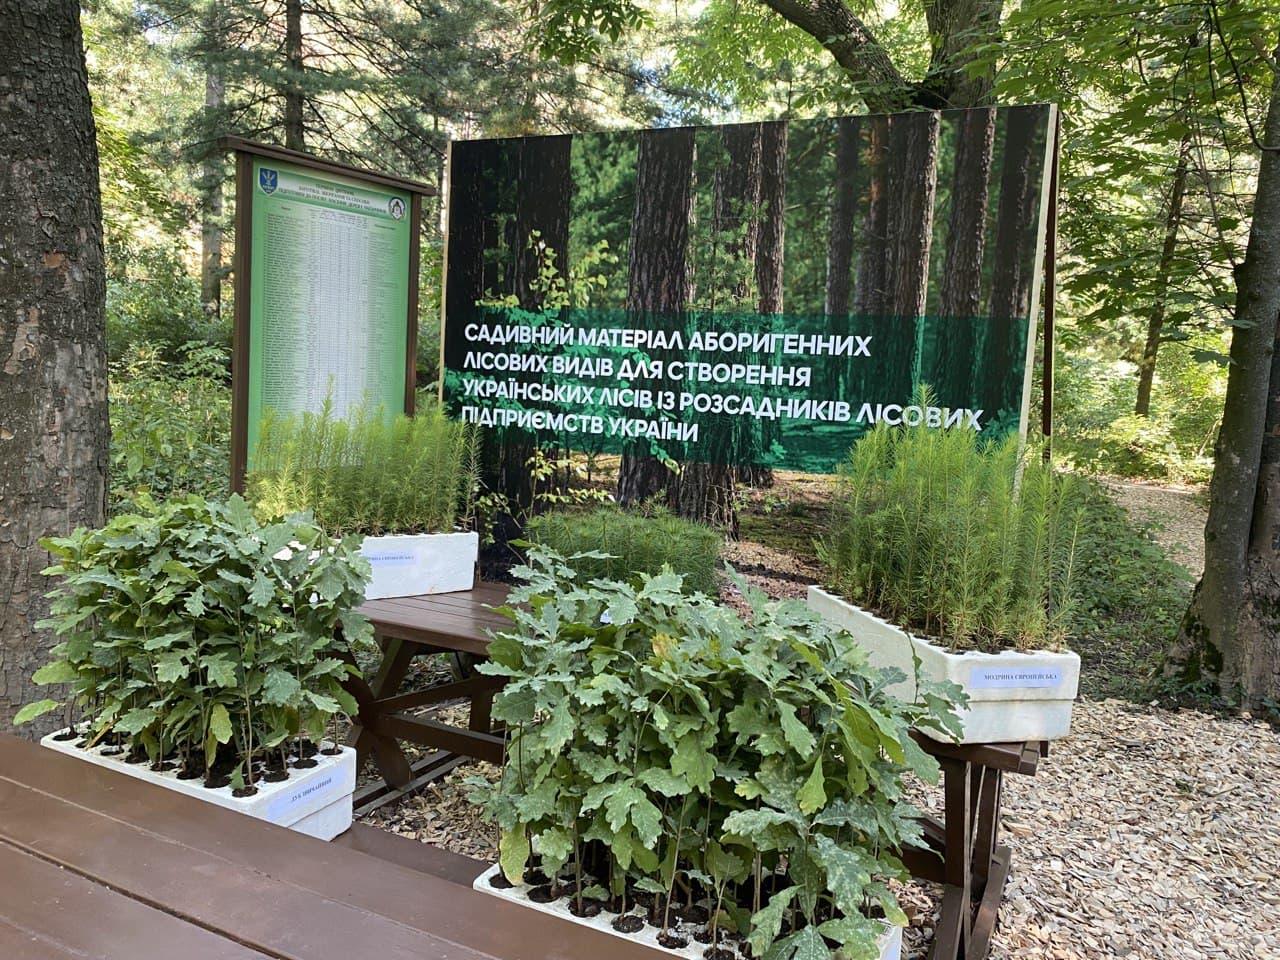 Увеличение площади лесов в рамках реализации программы Президента — фото 2